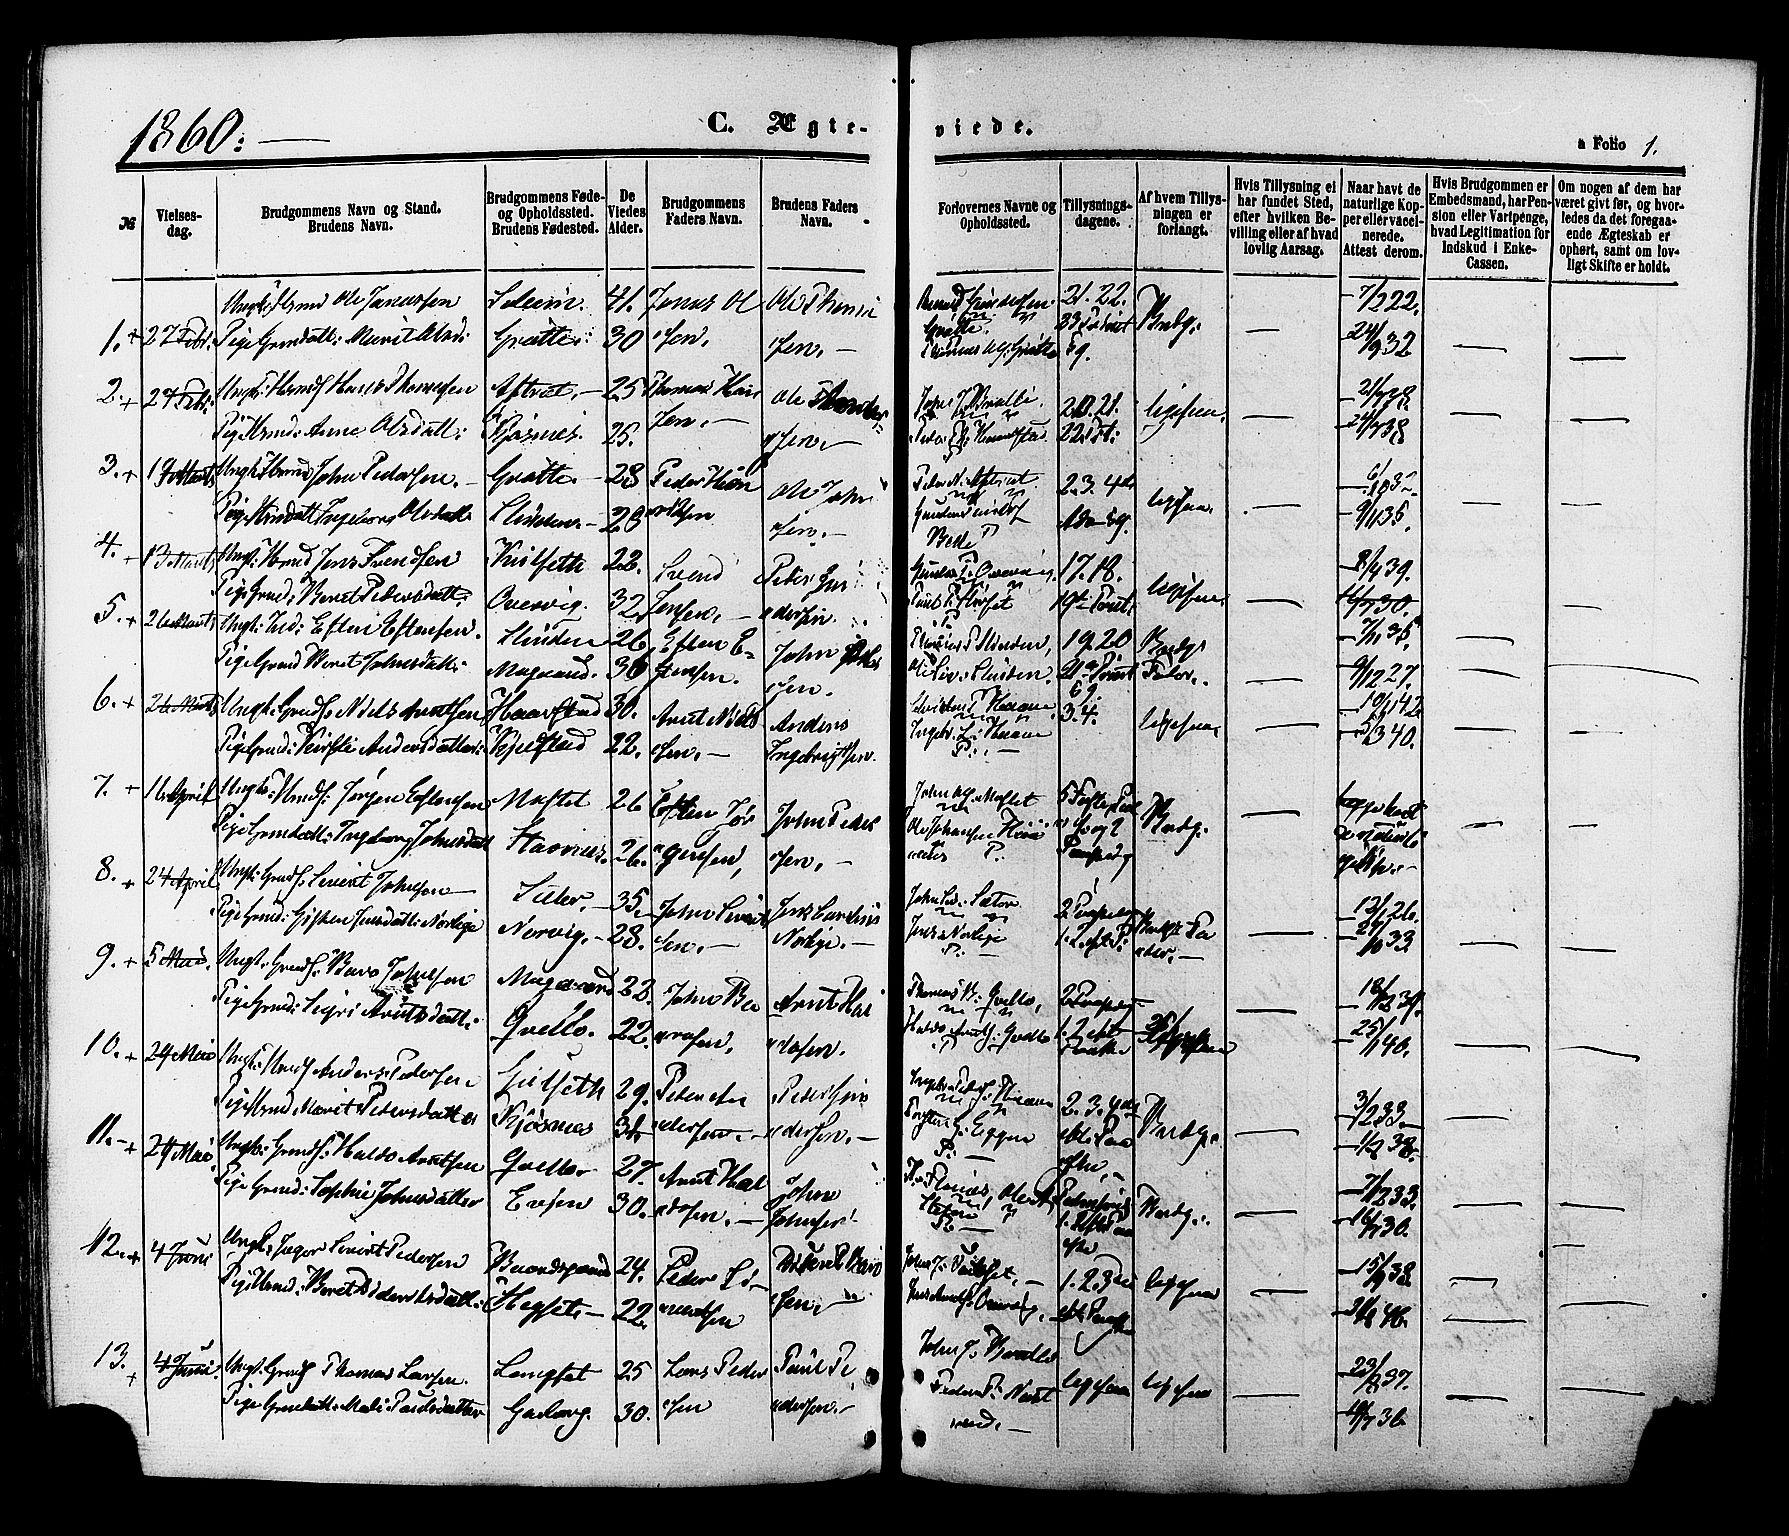 SAT, Ministerialprotokoller, klokkerbøker og fødselsregistre - Sør-Trøndelag, 695/L1147: Ministerialbok nr. 695A07, 1860-1877, s. 1